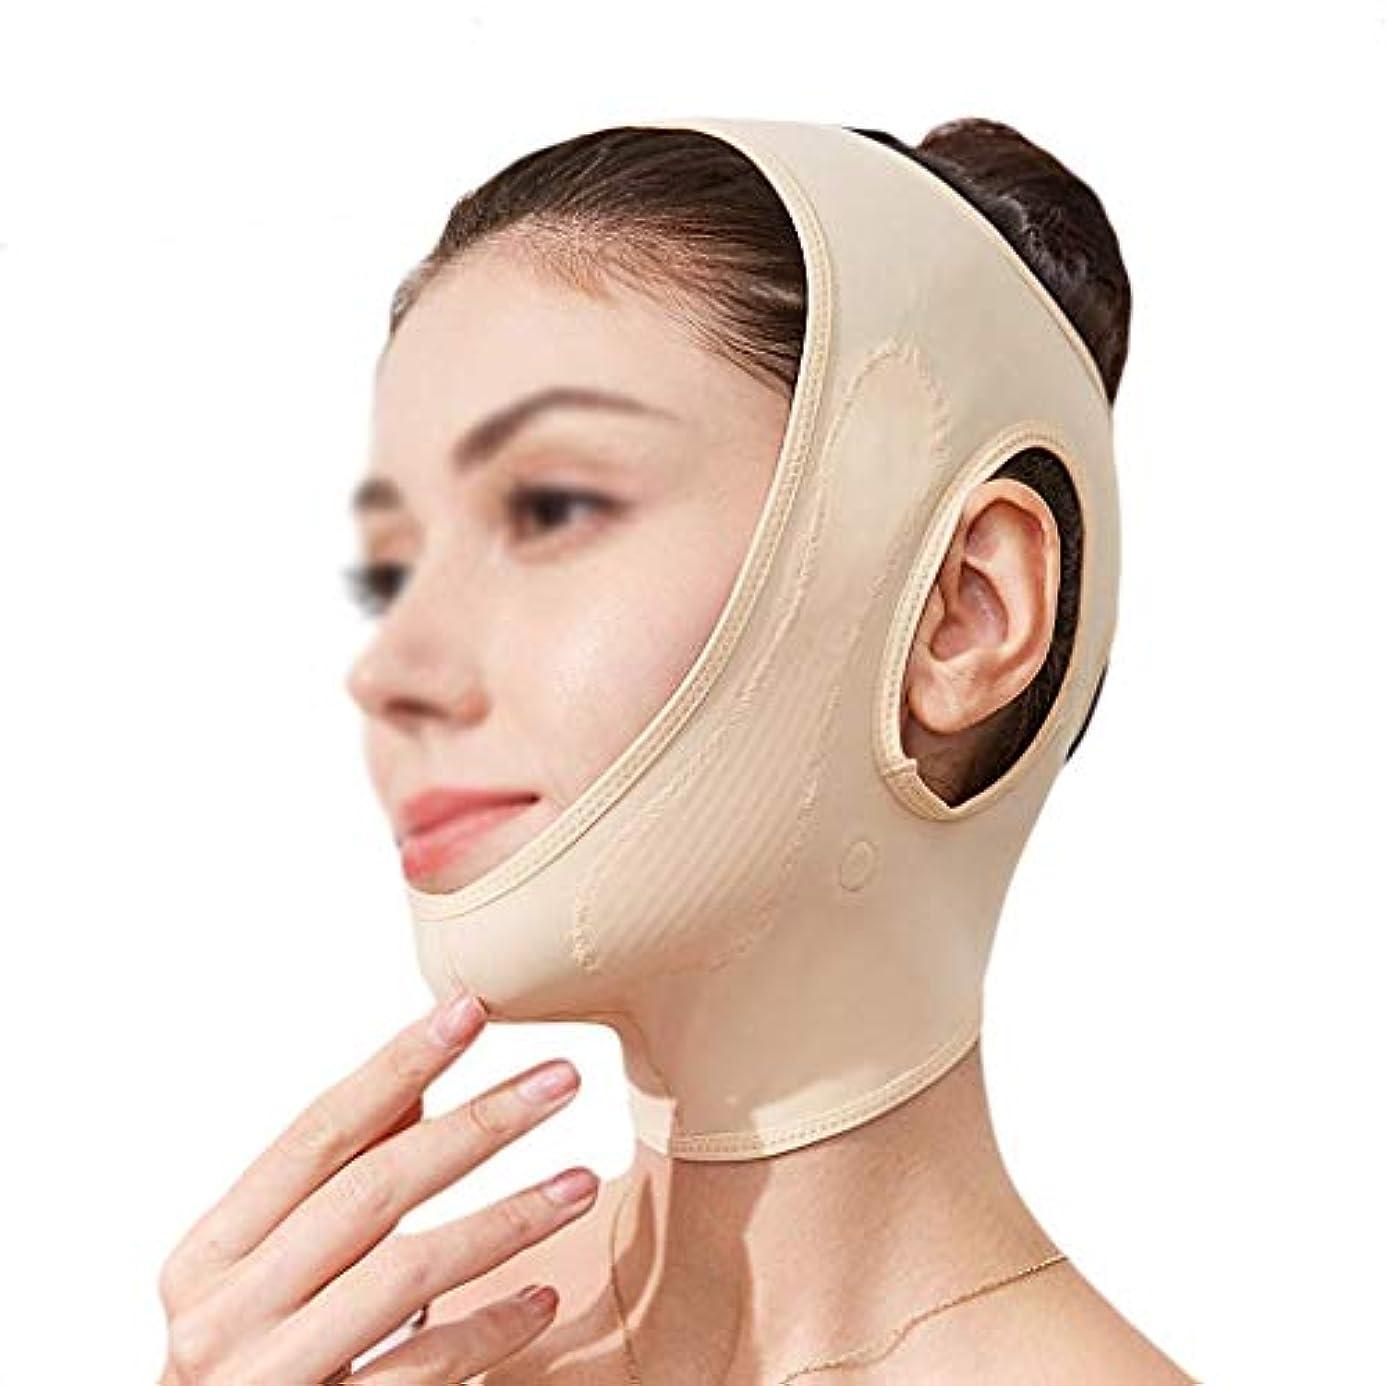 フィットネス注釈を付けるプレートフェイスリフトテープとバンド、Vフェイスベルトフェイスリフト包帯、顎を持ち上げる、フェイシャルリフト、あごストラップ、通気性包帯、フリーサイズ(カラー:イエローピンク),イエローピンク